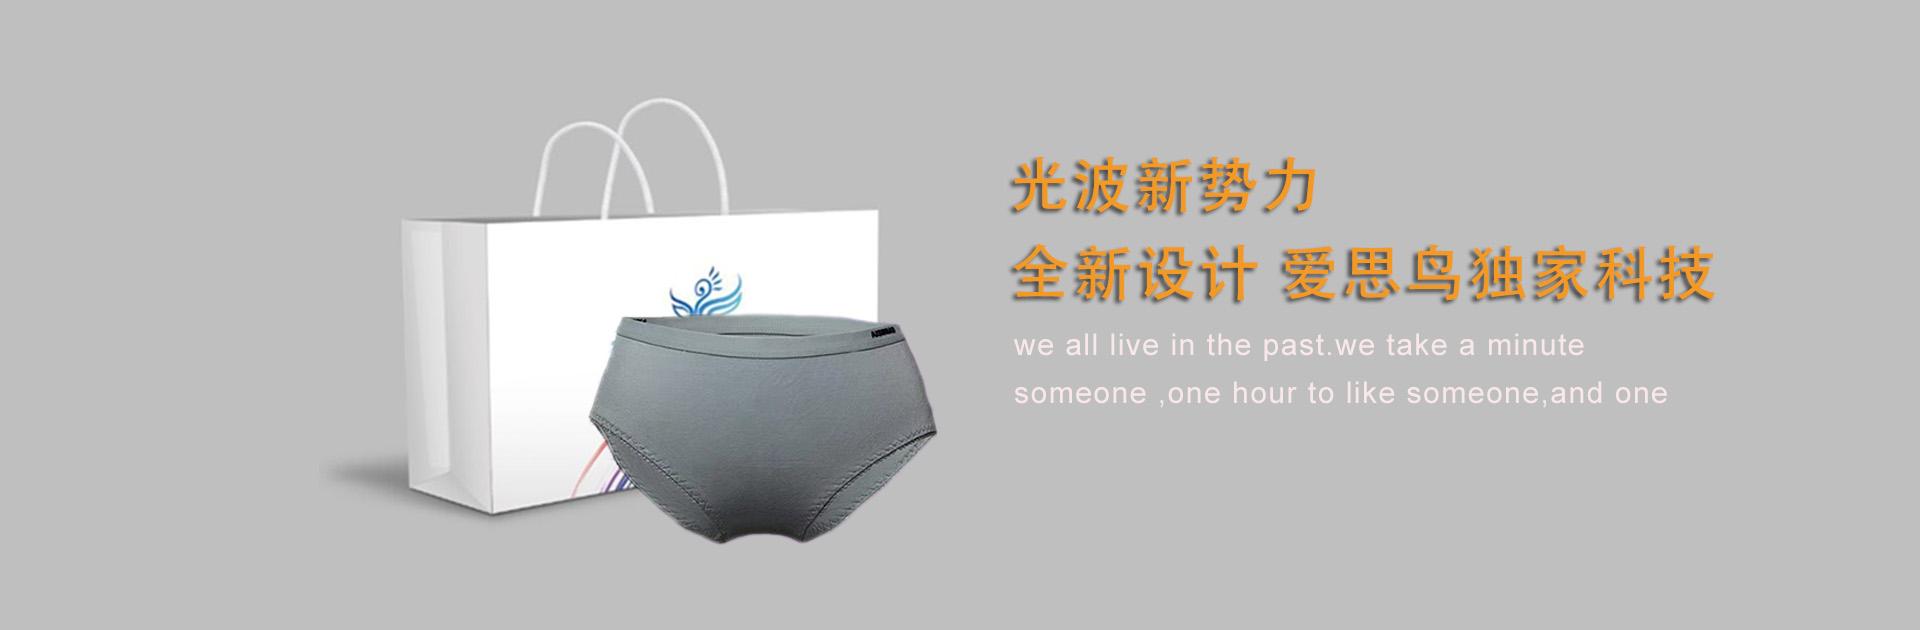 光波能量内裤供应商